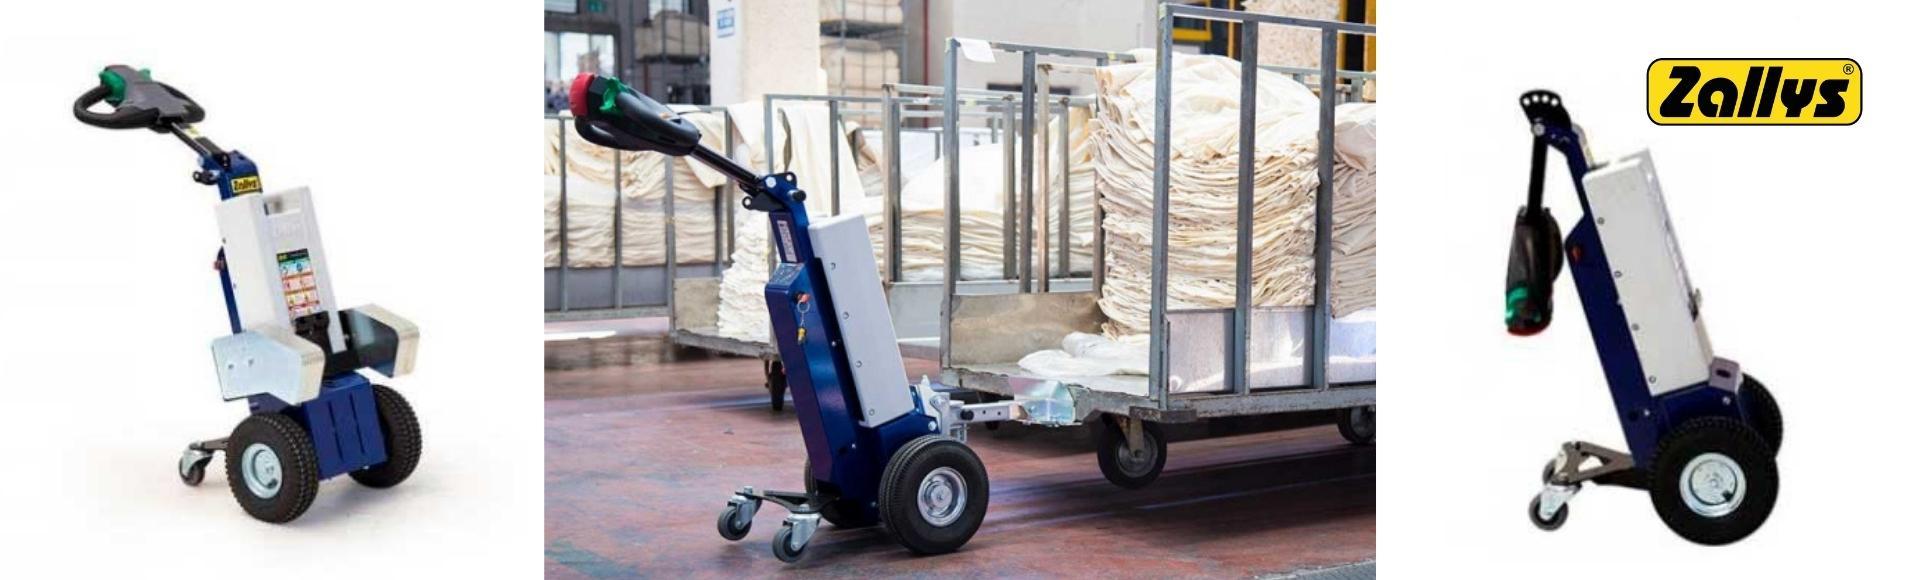 Carros Eléctricos para el manejo de cargas en Hospitales y Clínicas - Zallys